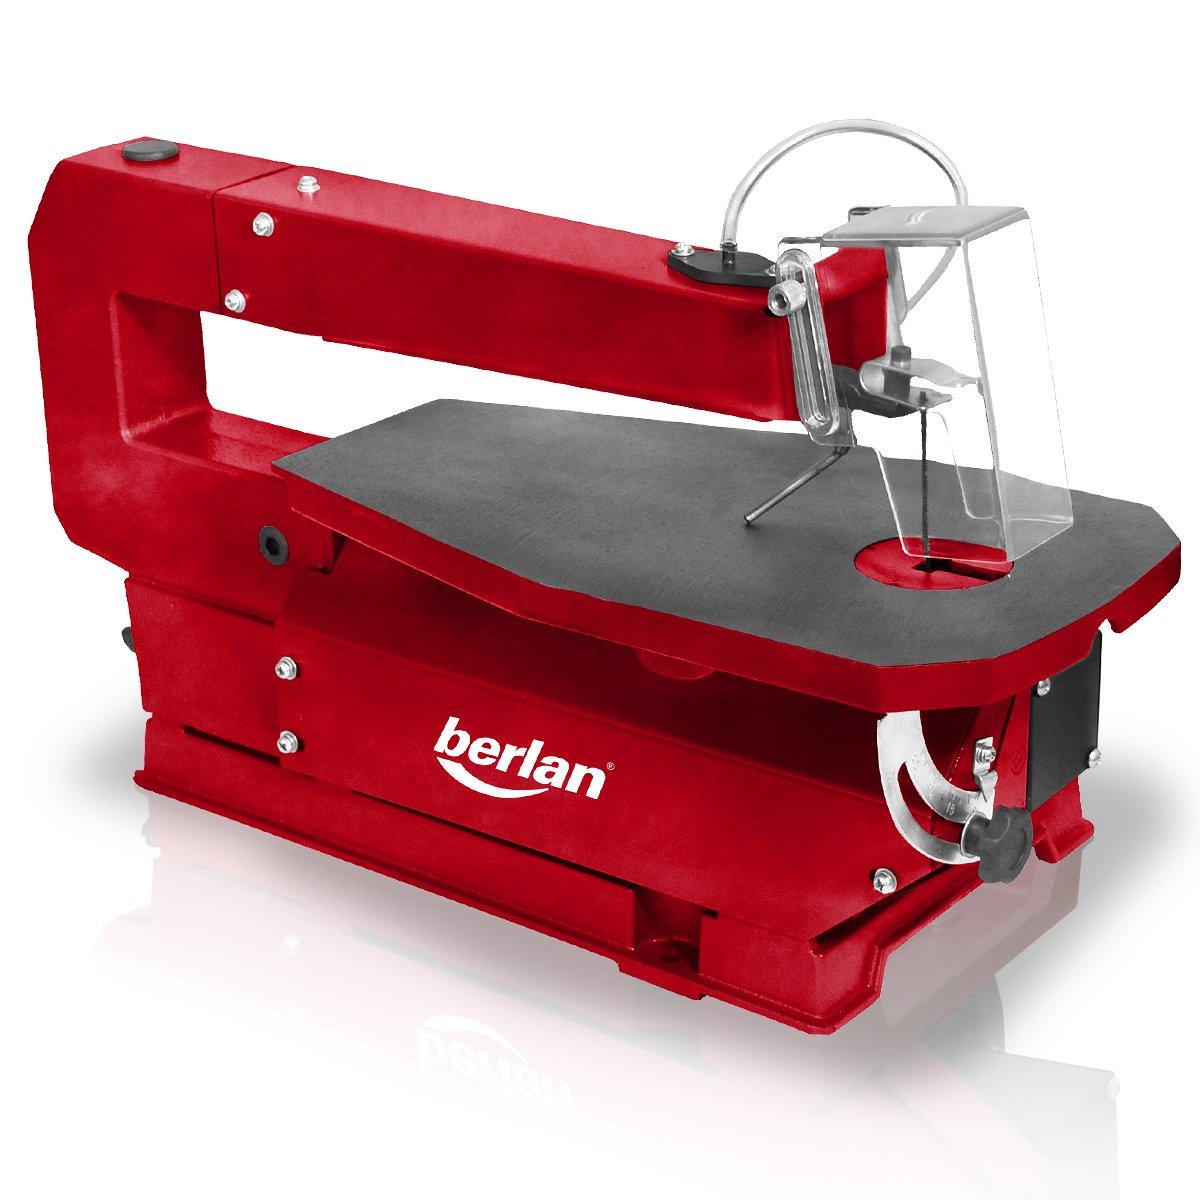 Berlan Dekupiersäge 85 Watt, 405/50mm  BDKS85  BaumarktKundenbewertung und weitere Informationen